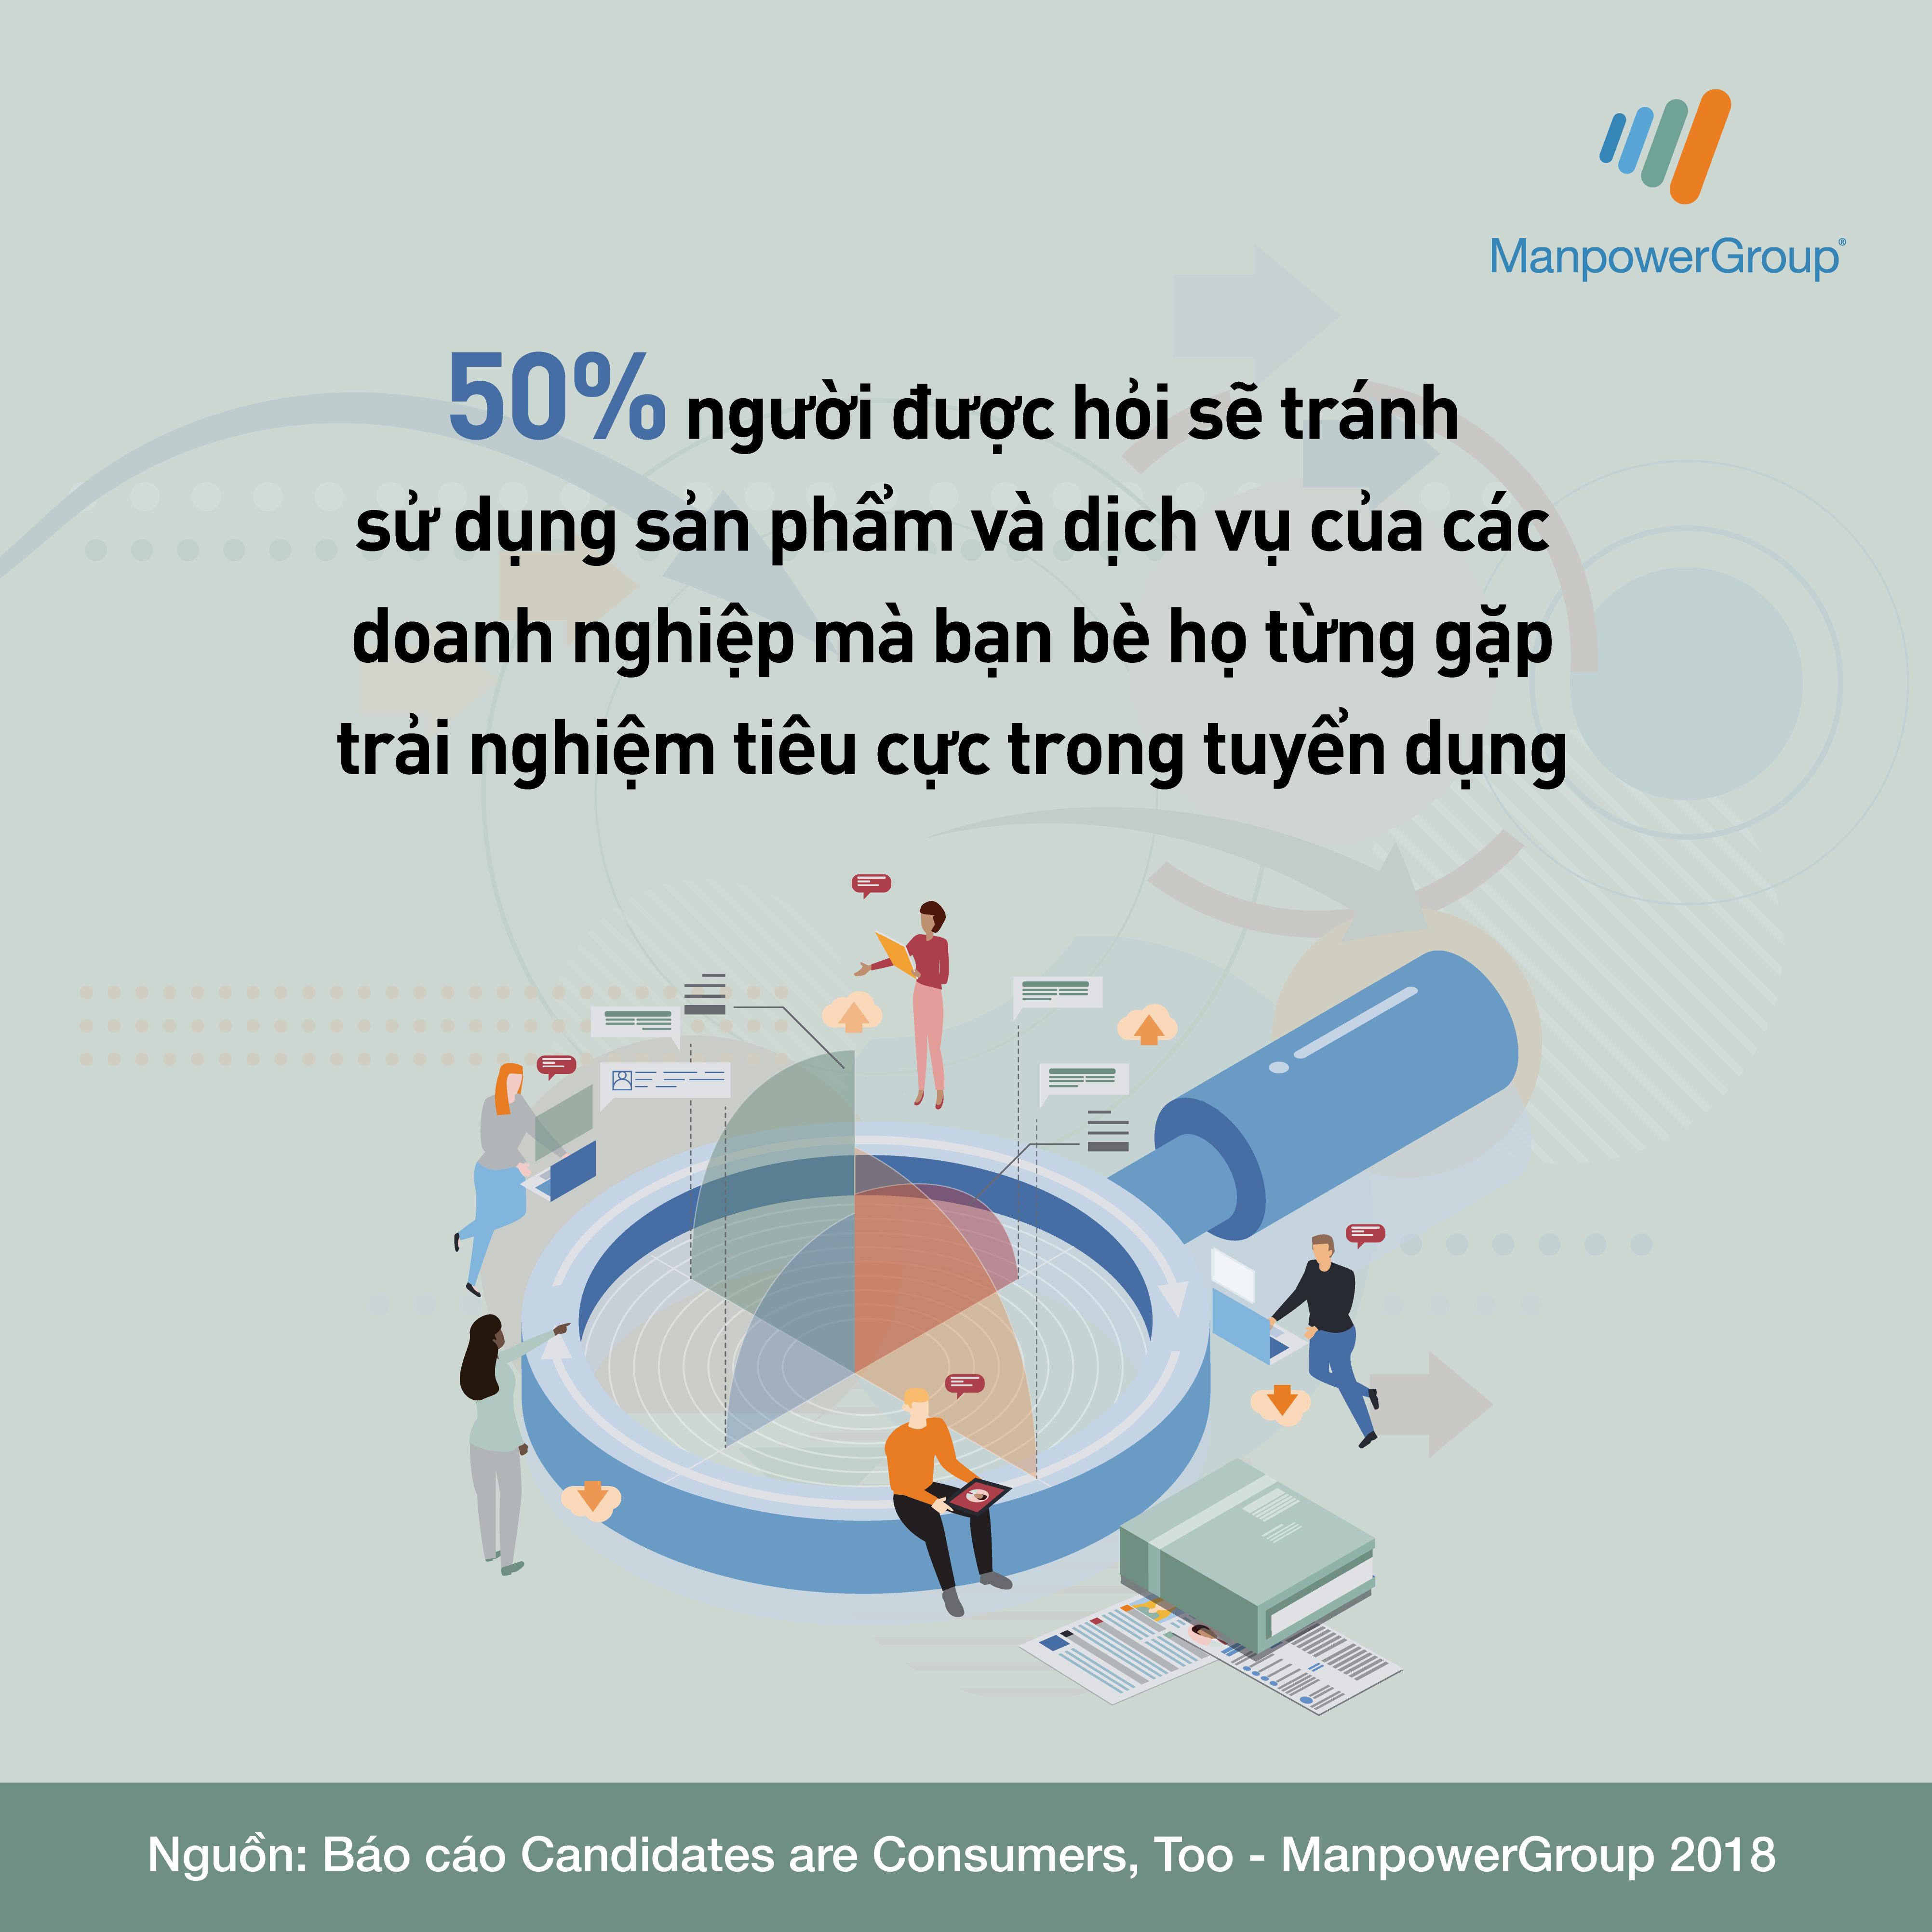 50% người được hỏi sẽ tránh sử dụng các sản phẩm và dịch vụ của các doanh nghiệp mà bạn bè họ từng gặp trải nghiệm tiêu cực trong tuyển dụng